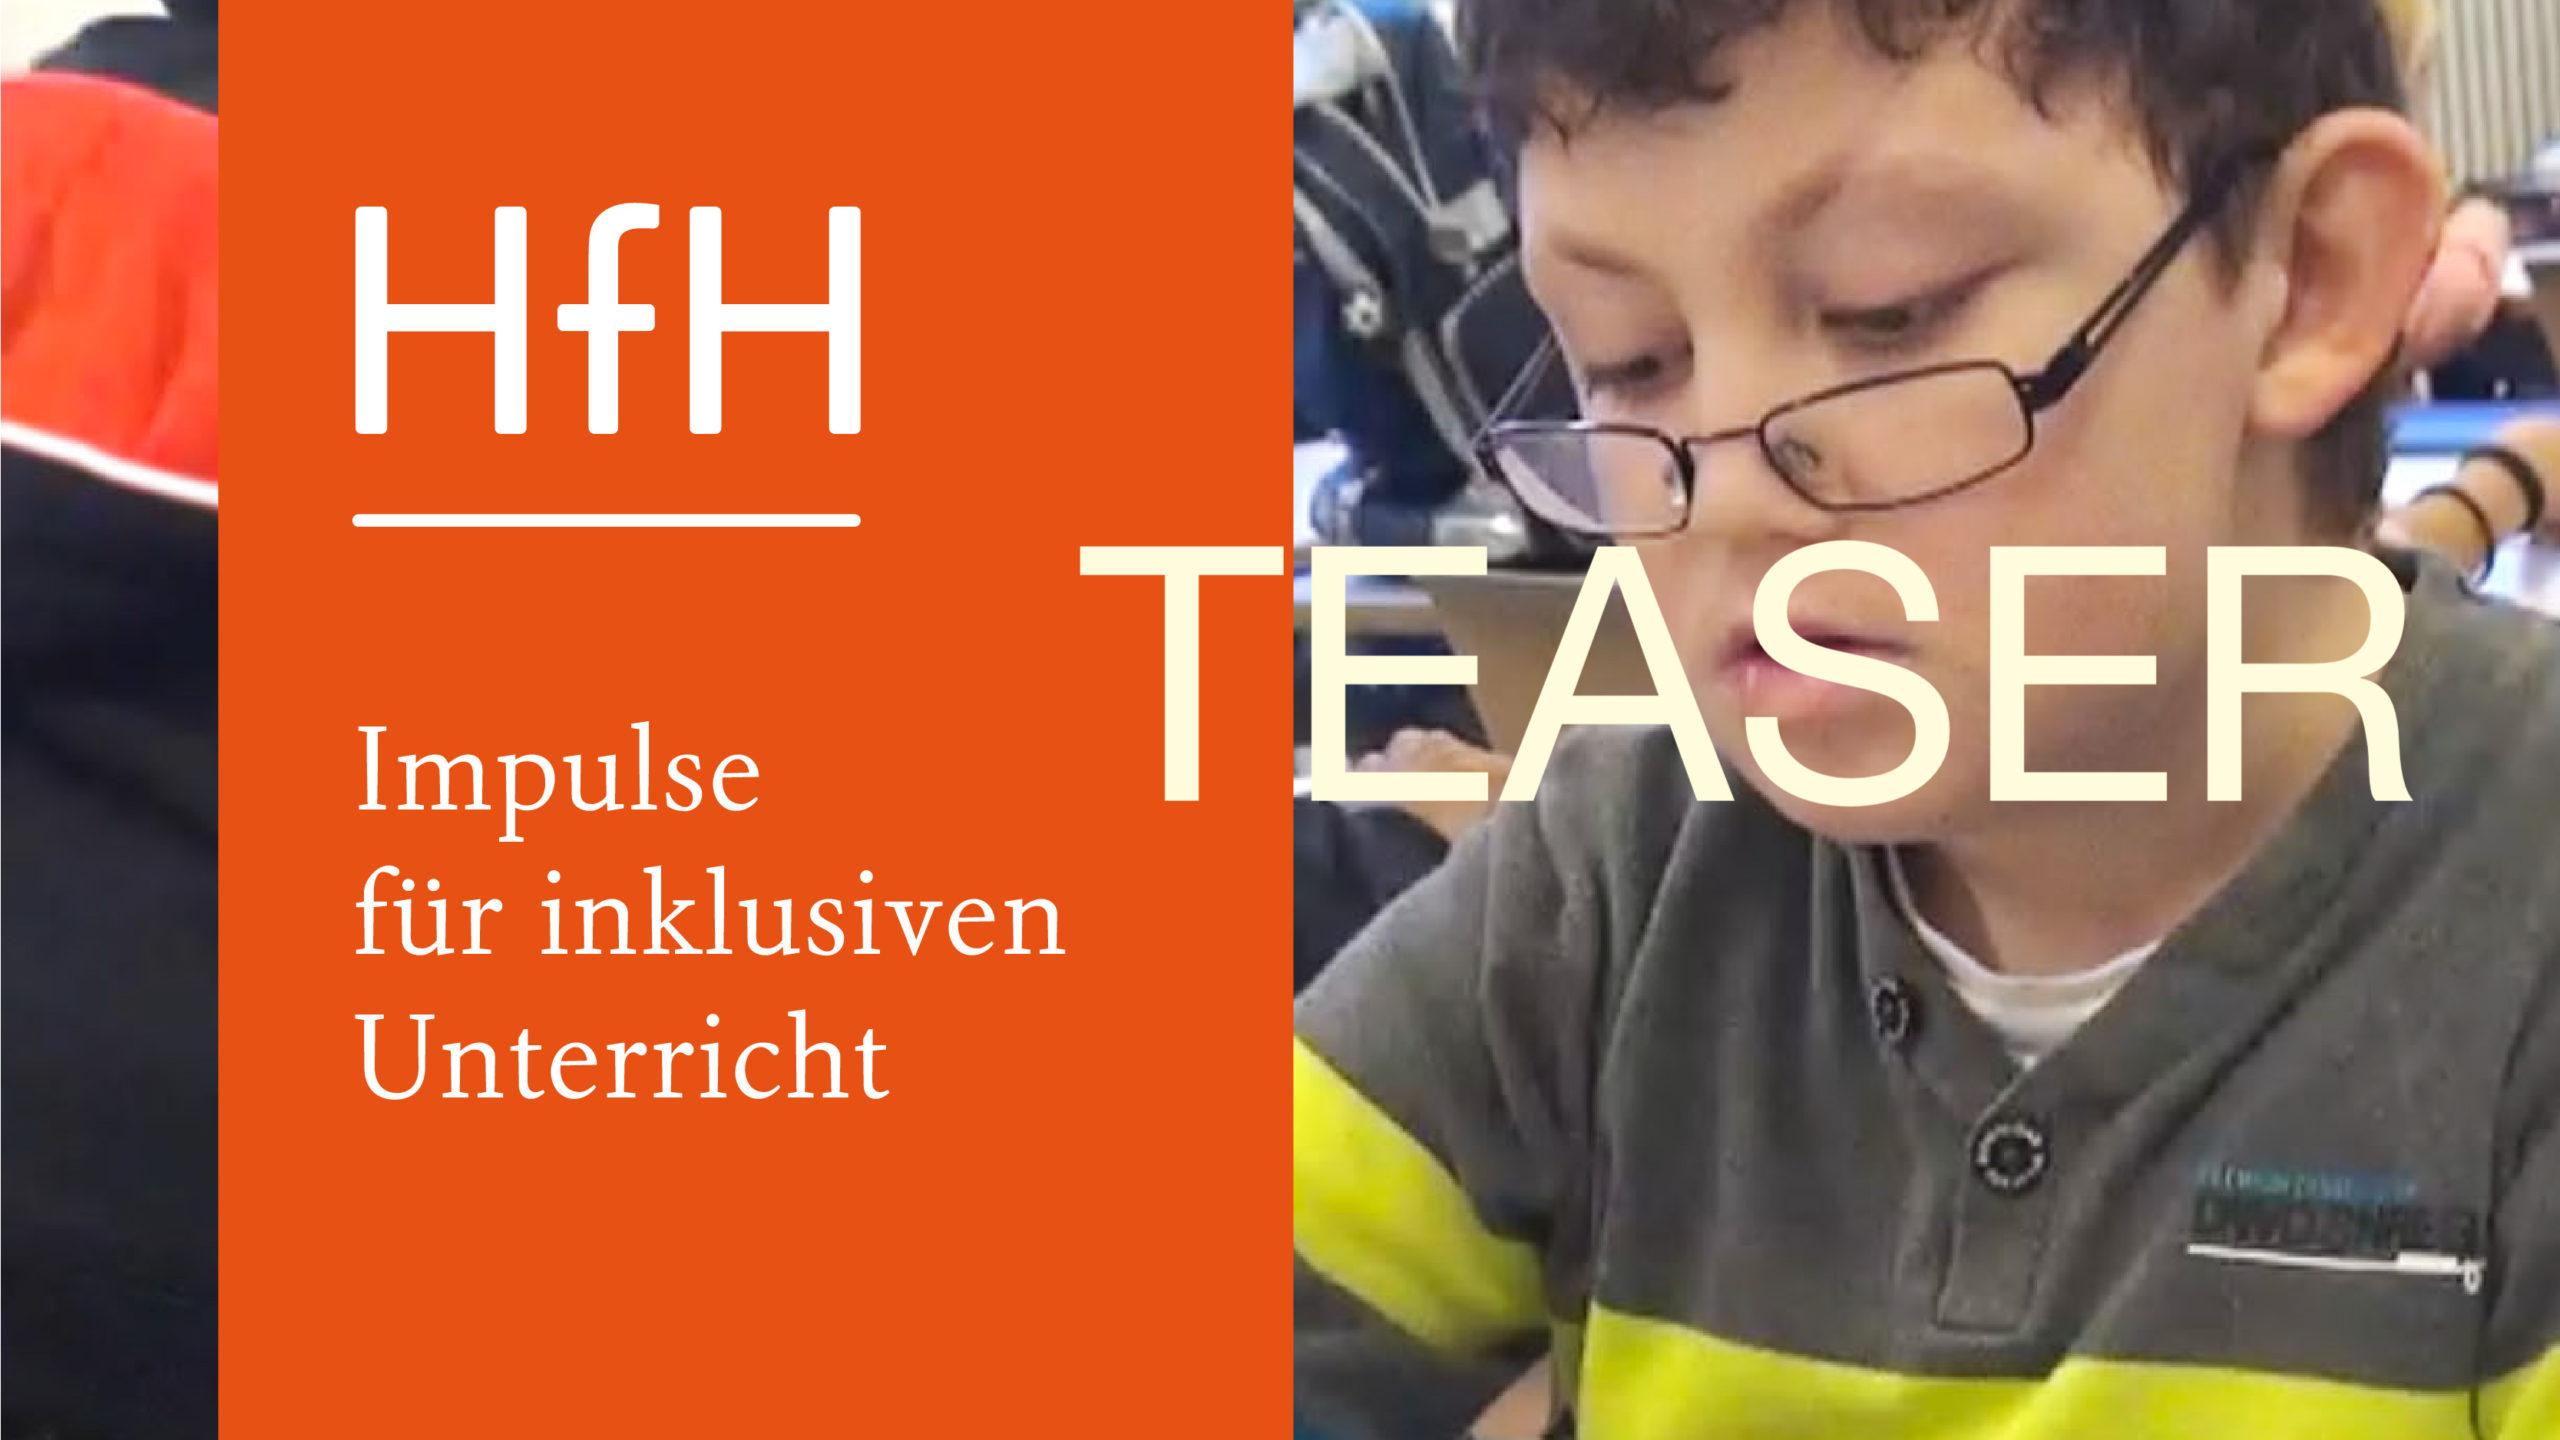 Titelbild für Impulse für inklusiven Unterricht – TEASER